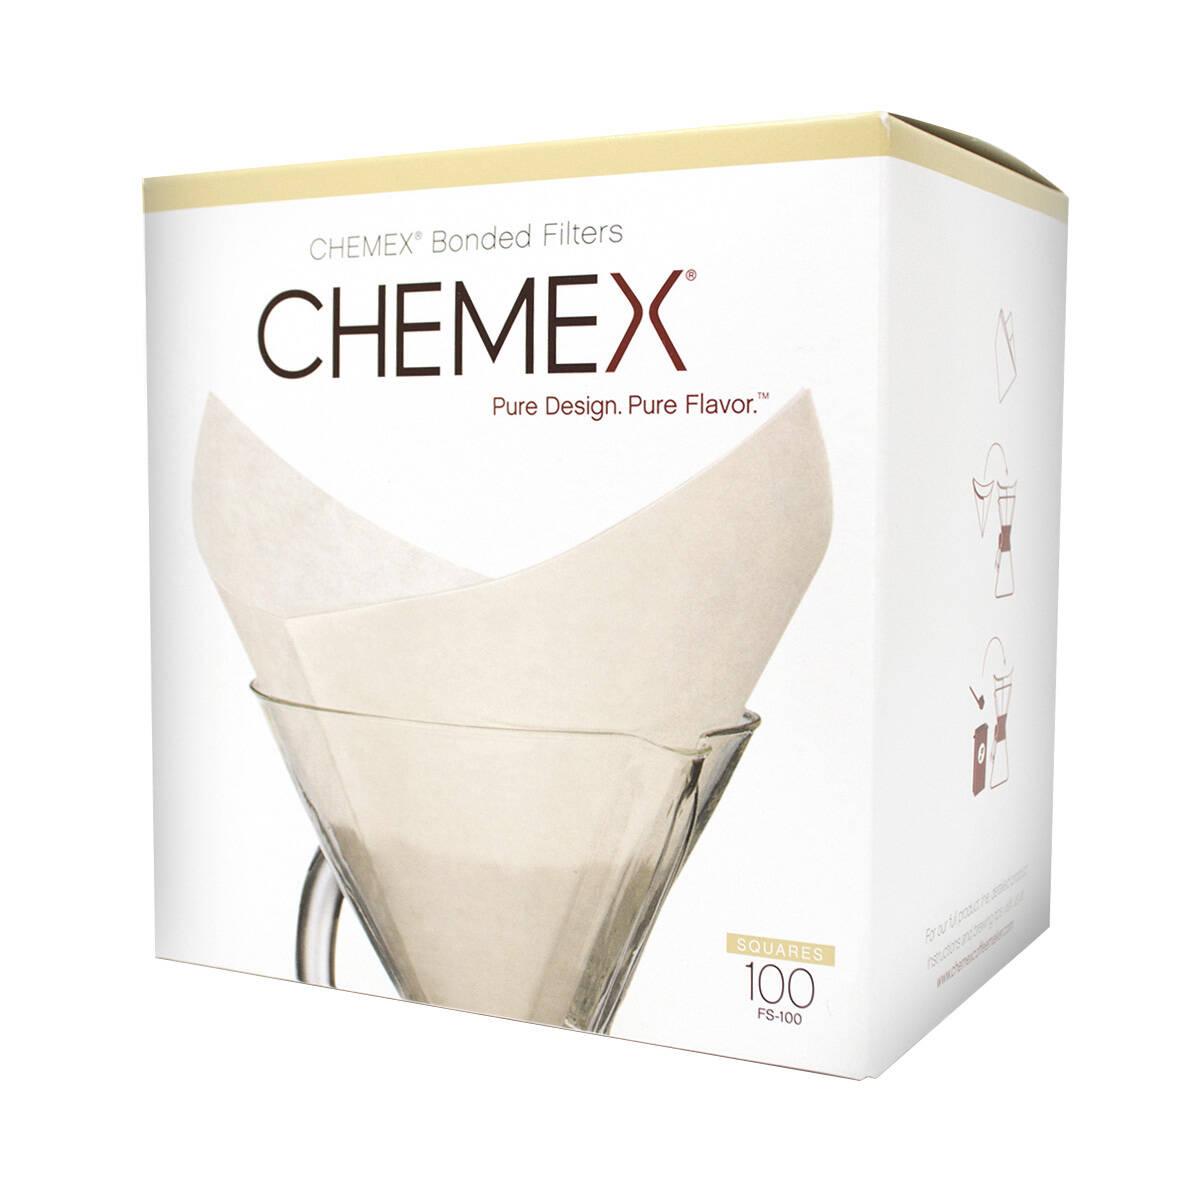 Chemex 6 & 8 kops Koffiefilters